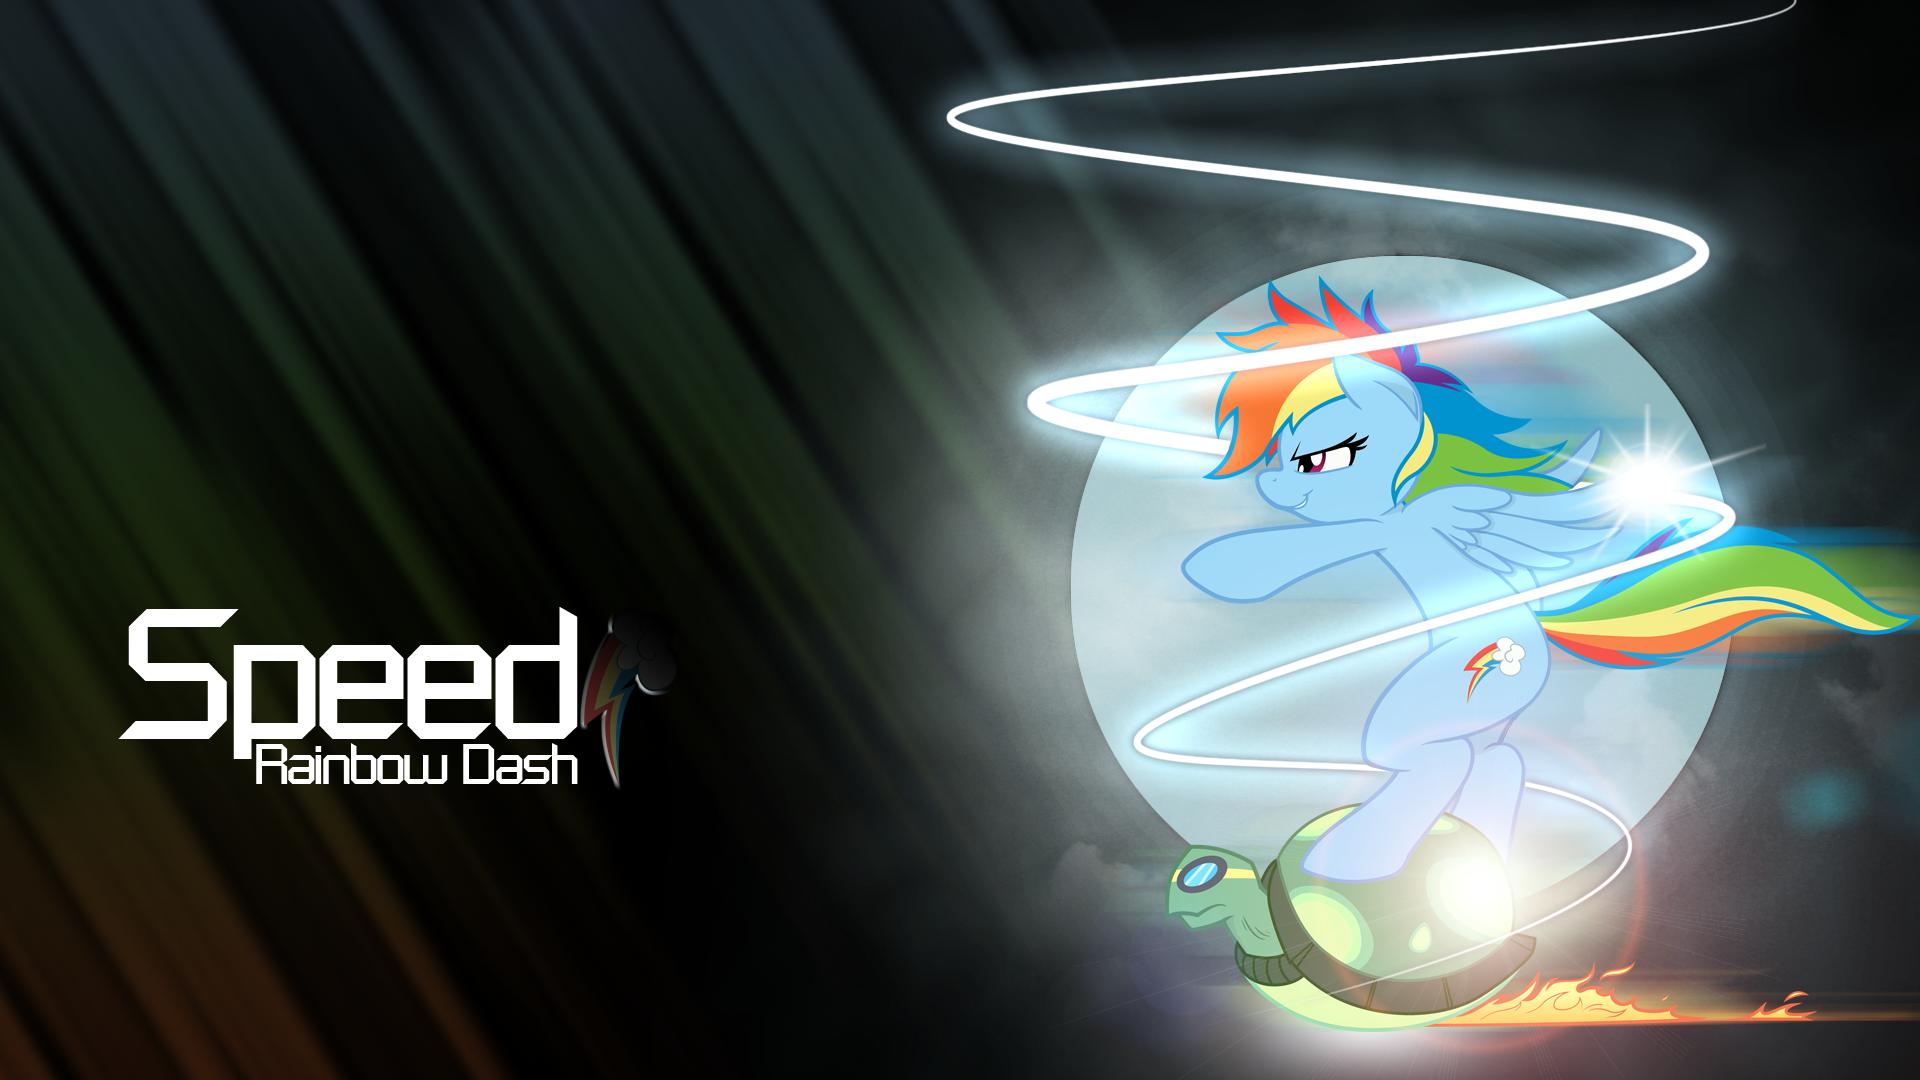 Speed - Rainbow Dash by BlackGryph0n, owlet57 and RainbowPlasma